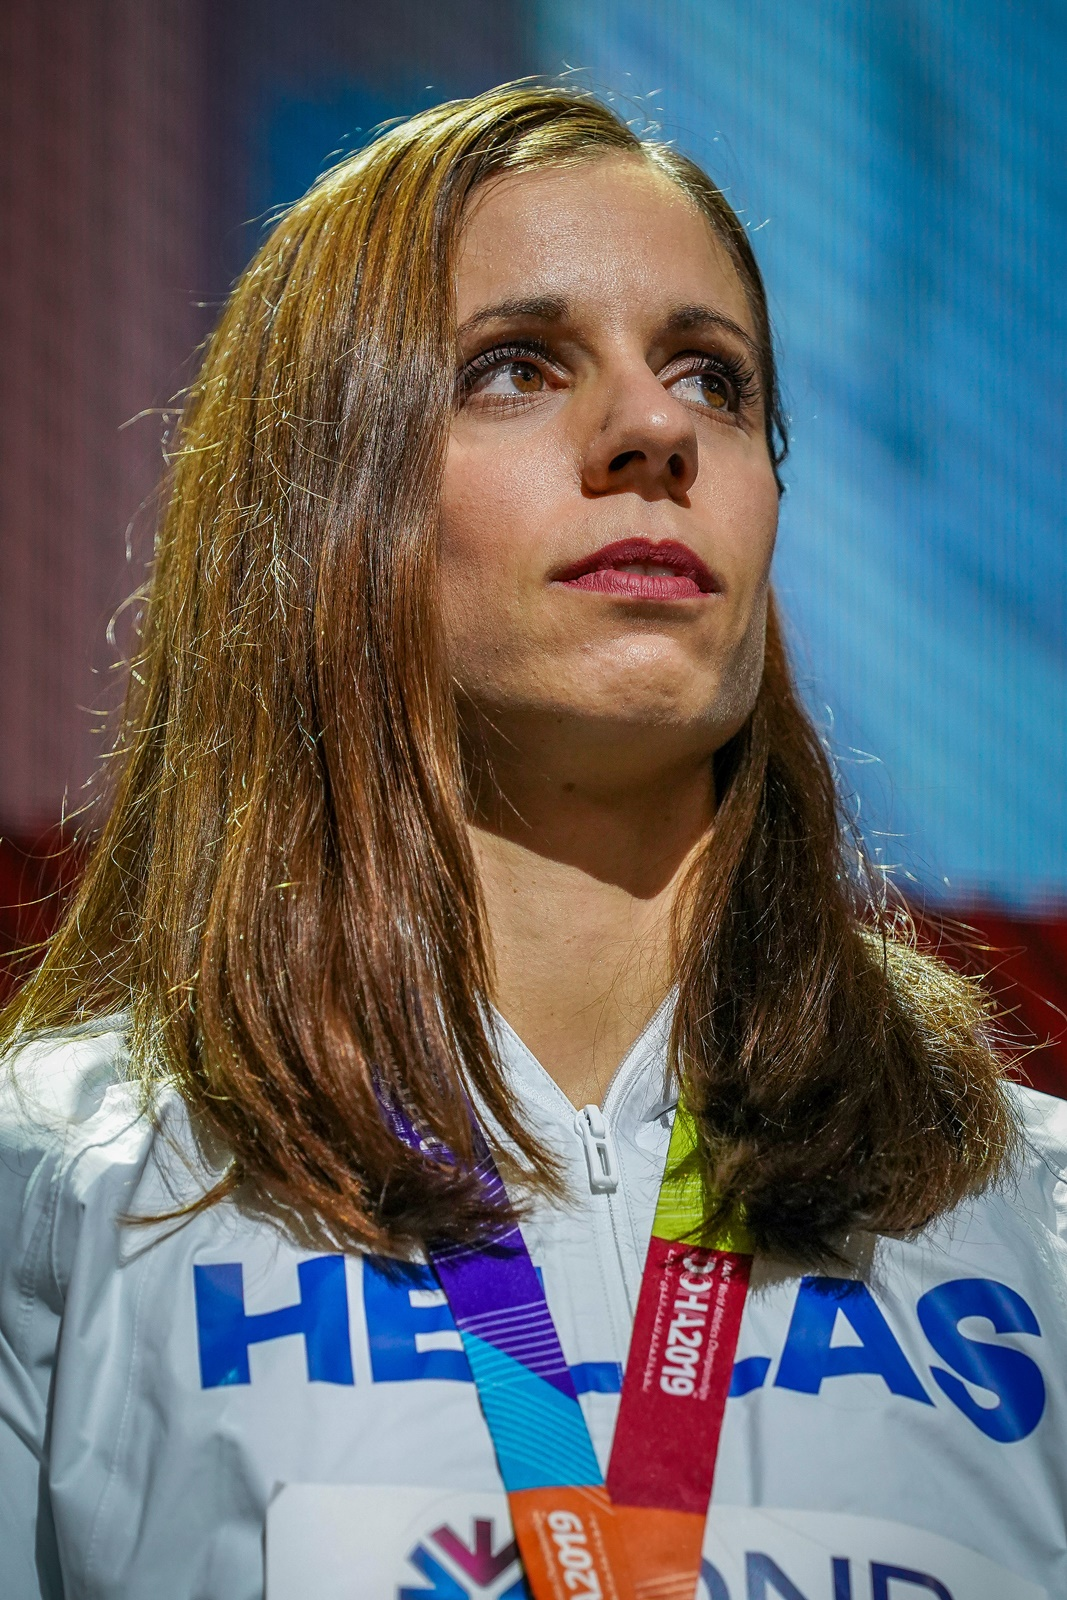 Κατερίνα Στεφανίδη